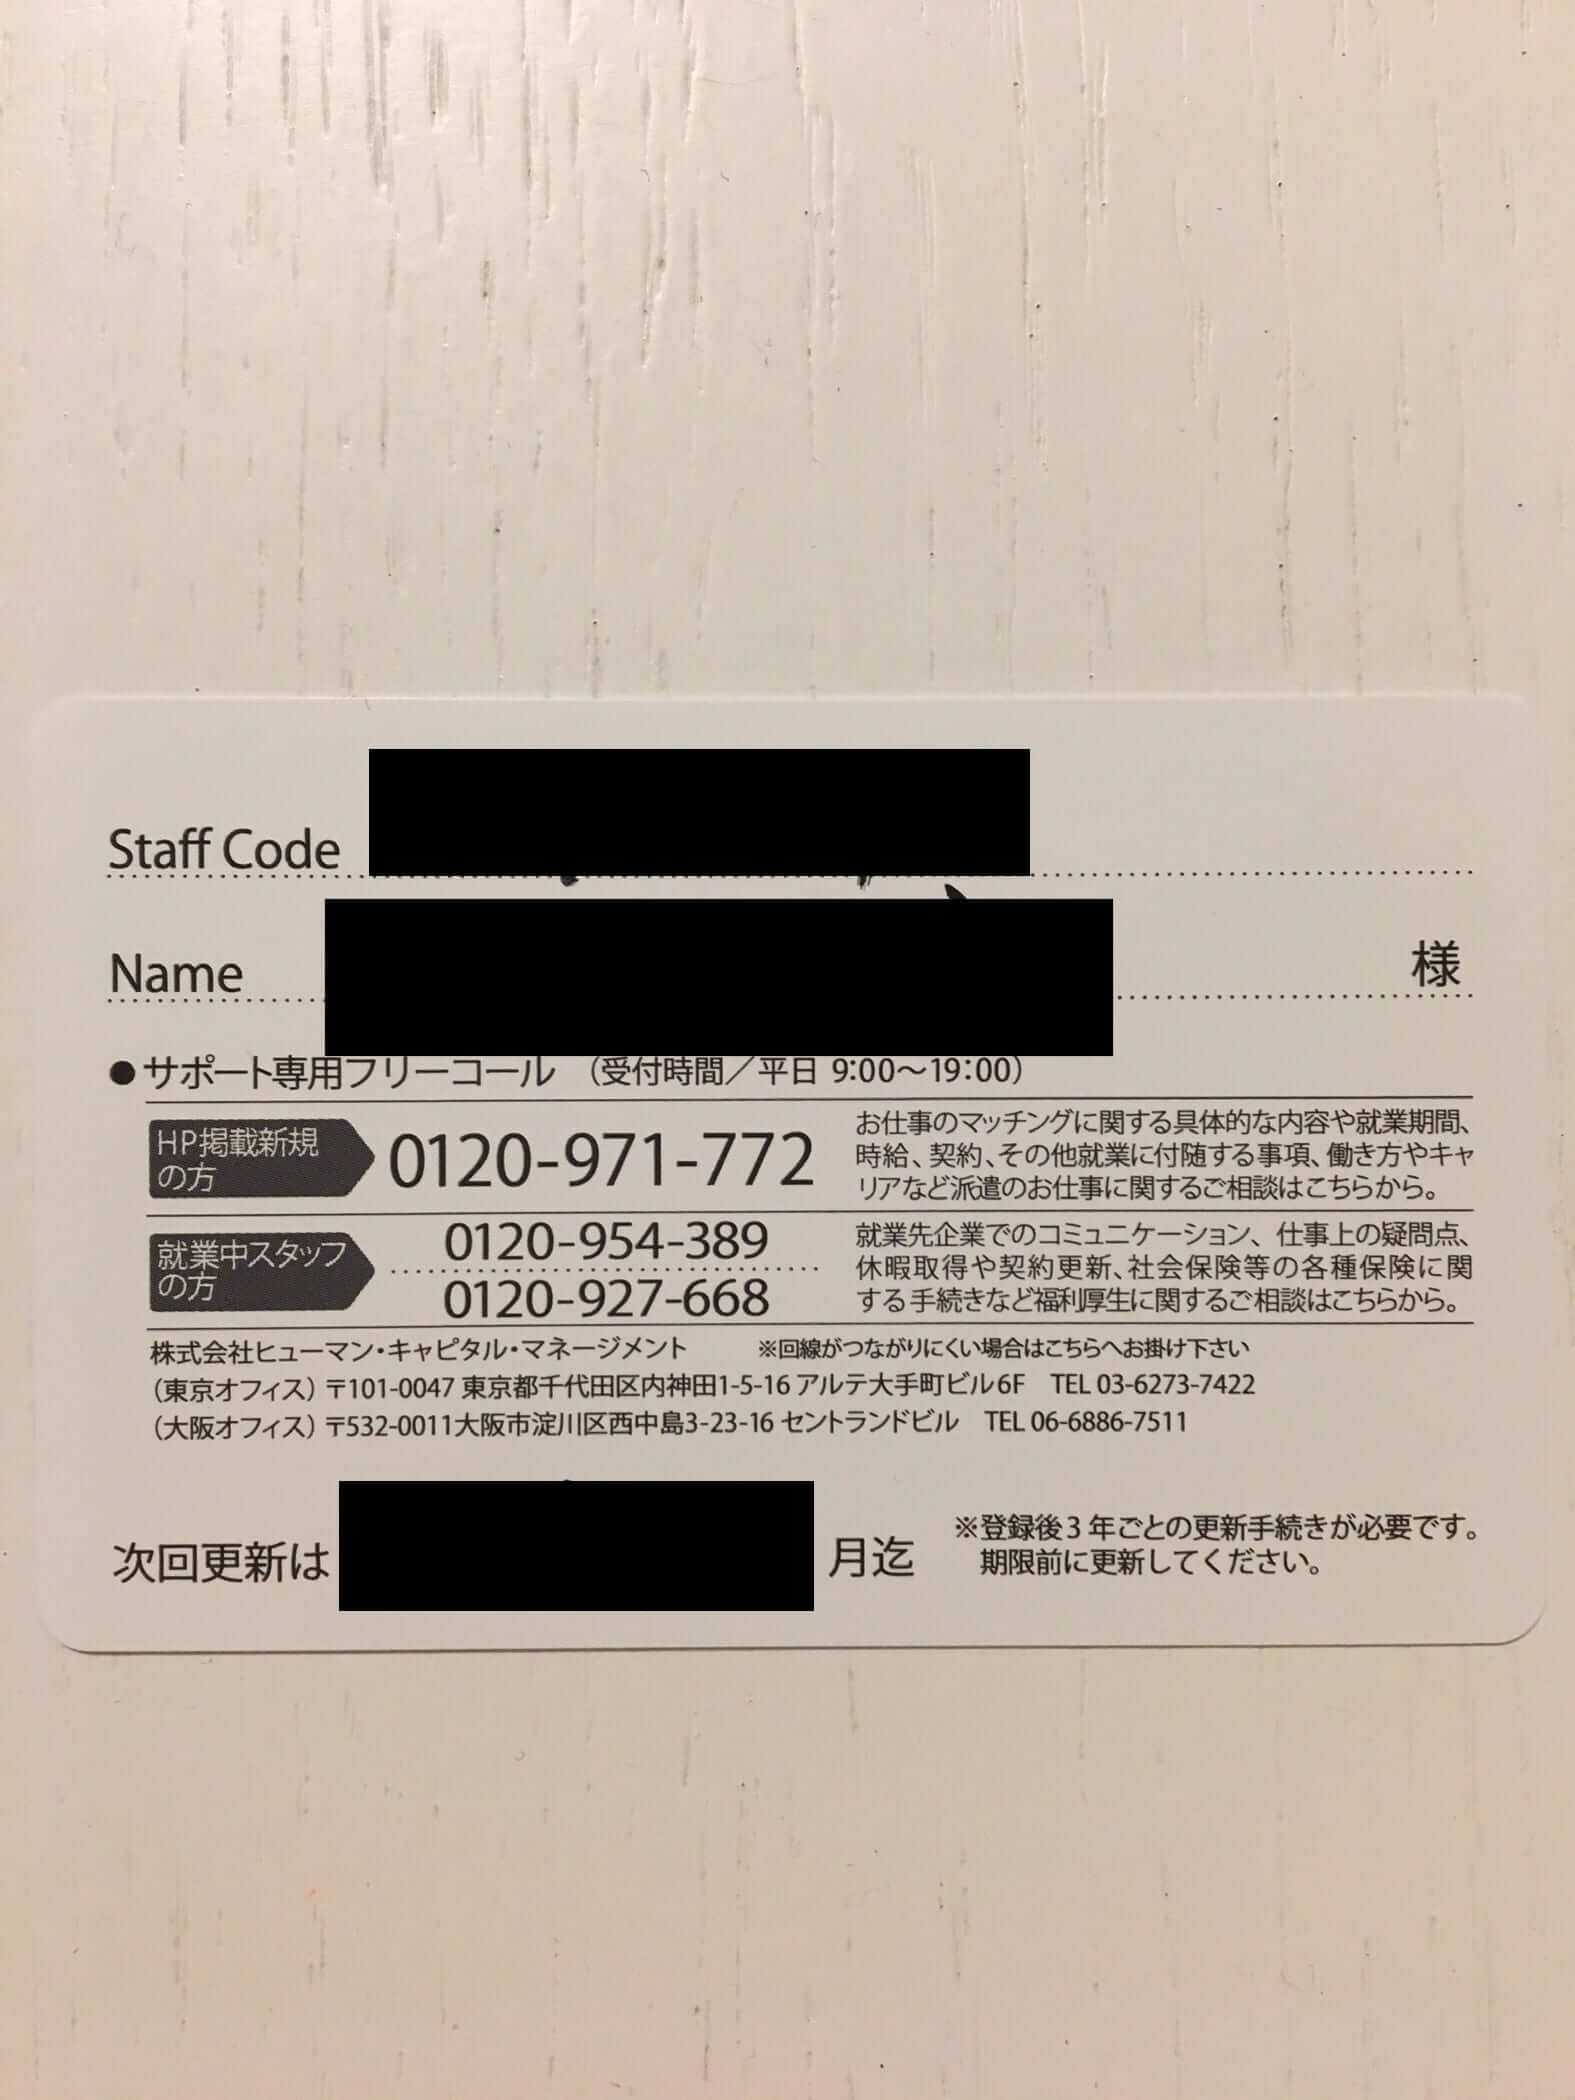 ヒューマンキャピタルマネジメント 東京オフィス